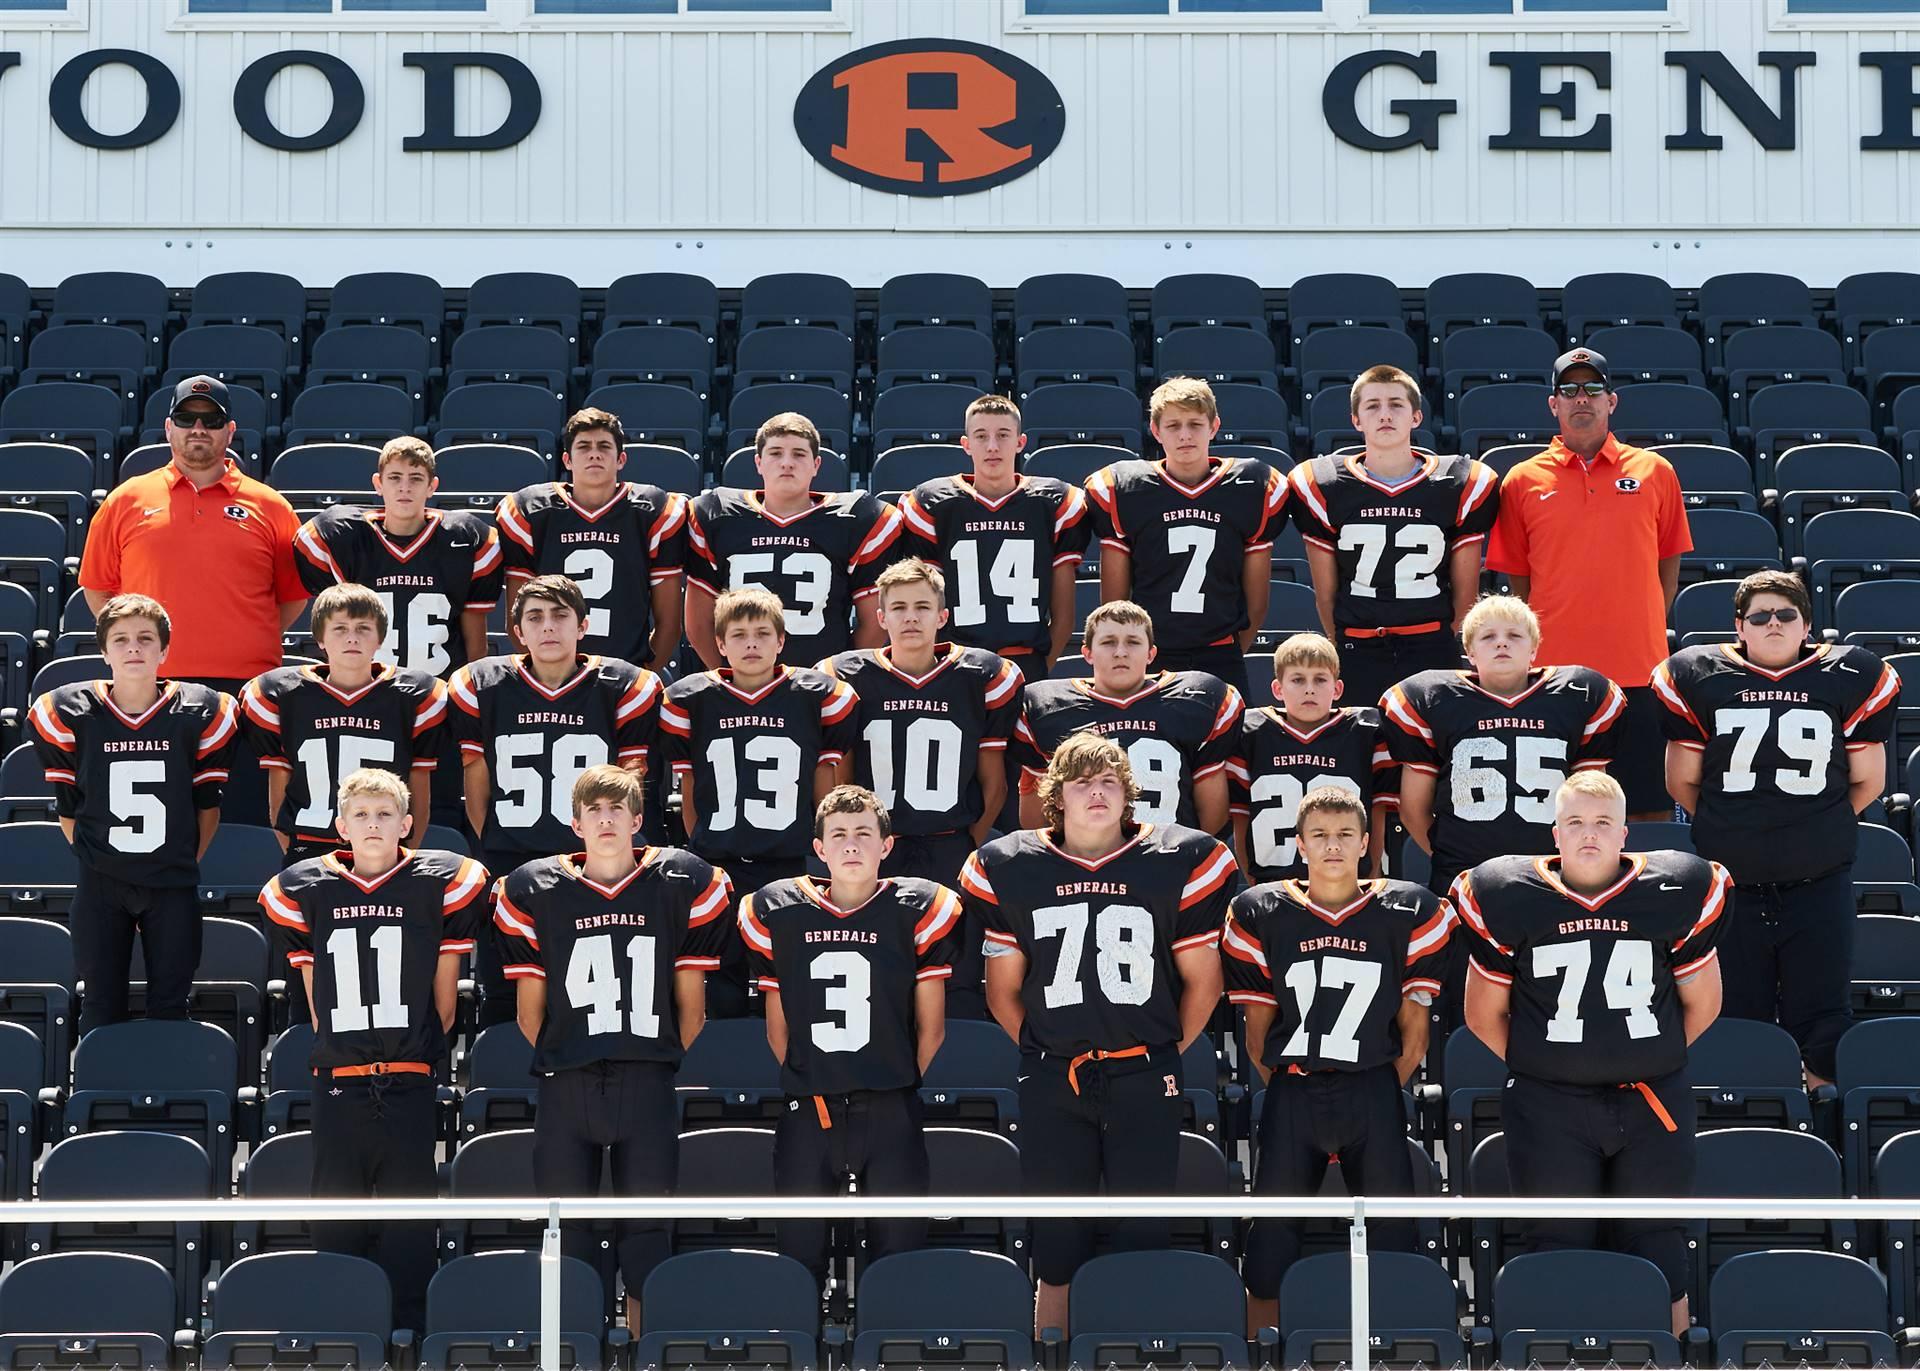 2017-18 8th Grade Team